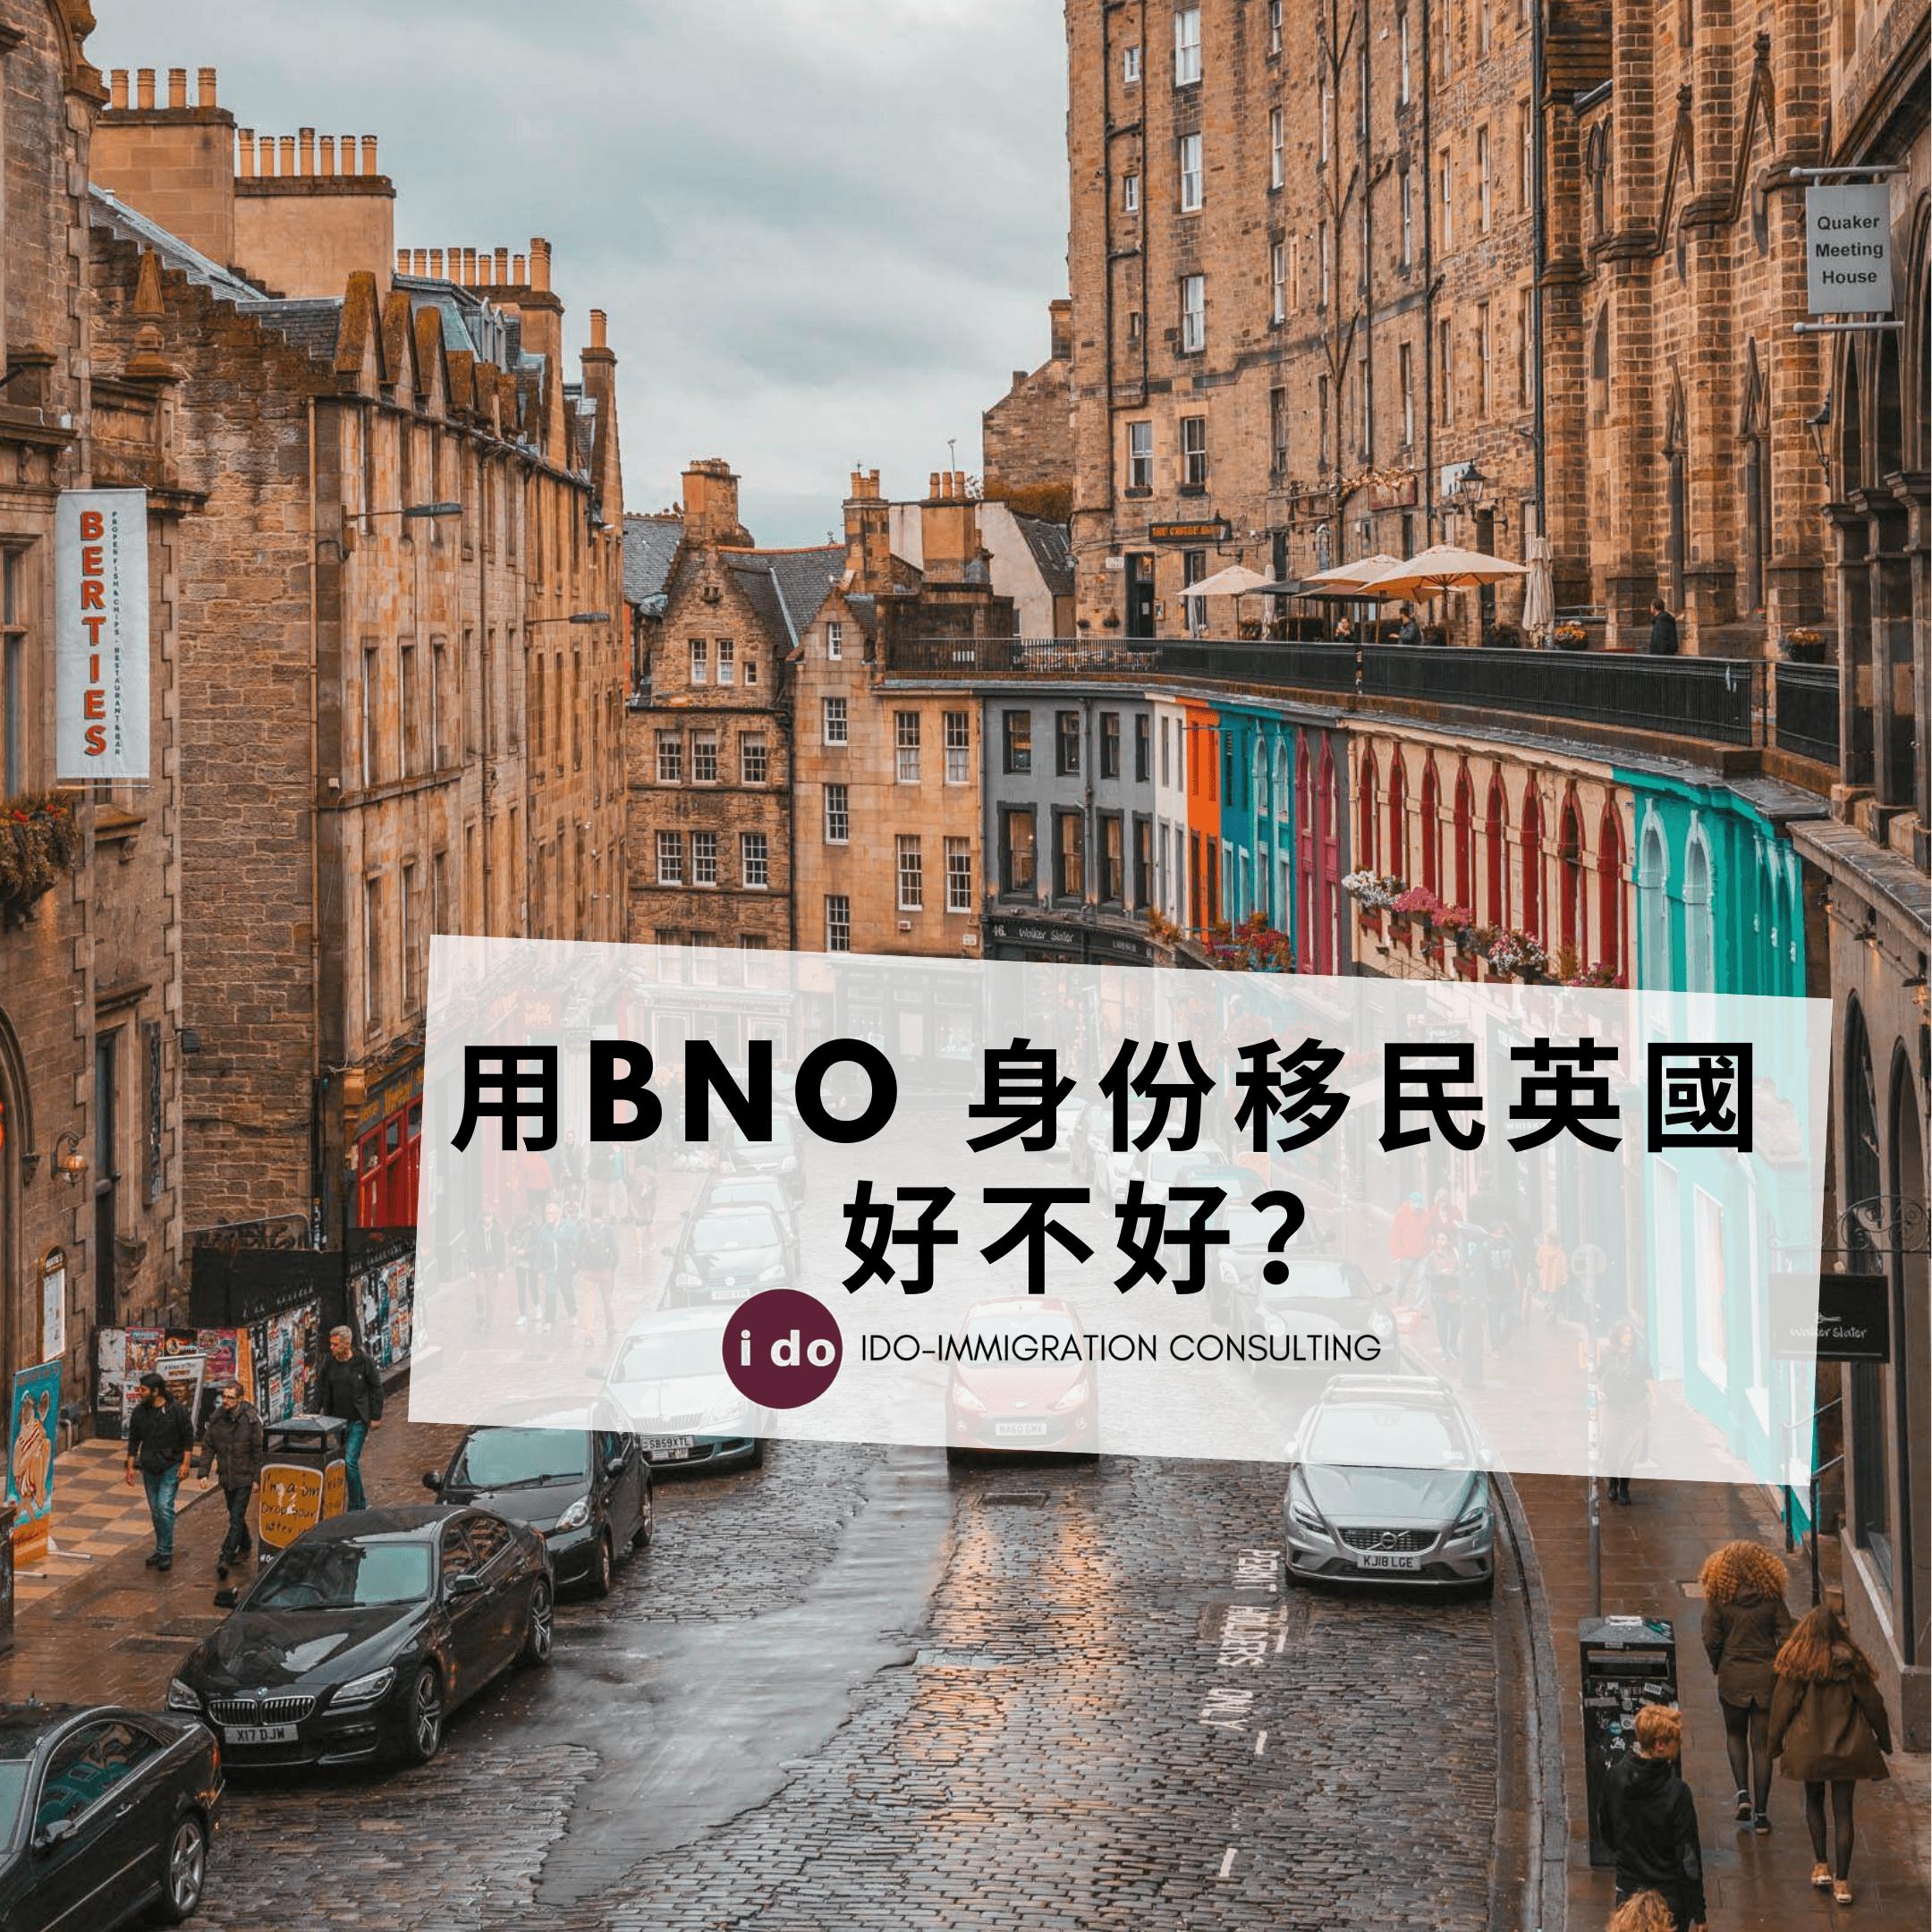 【英國移民】用BNO 身份移民英國好不好?